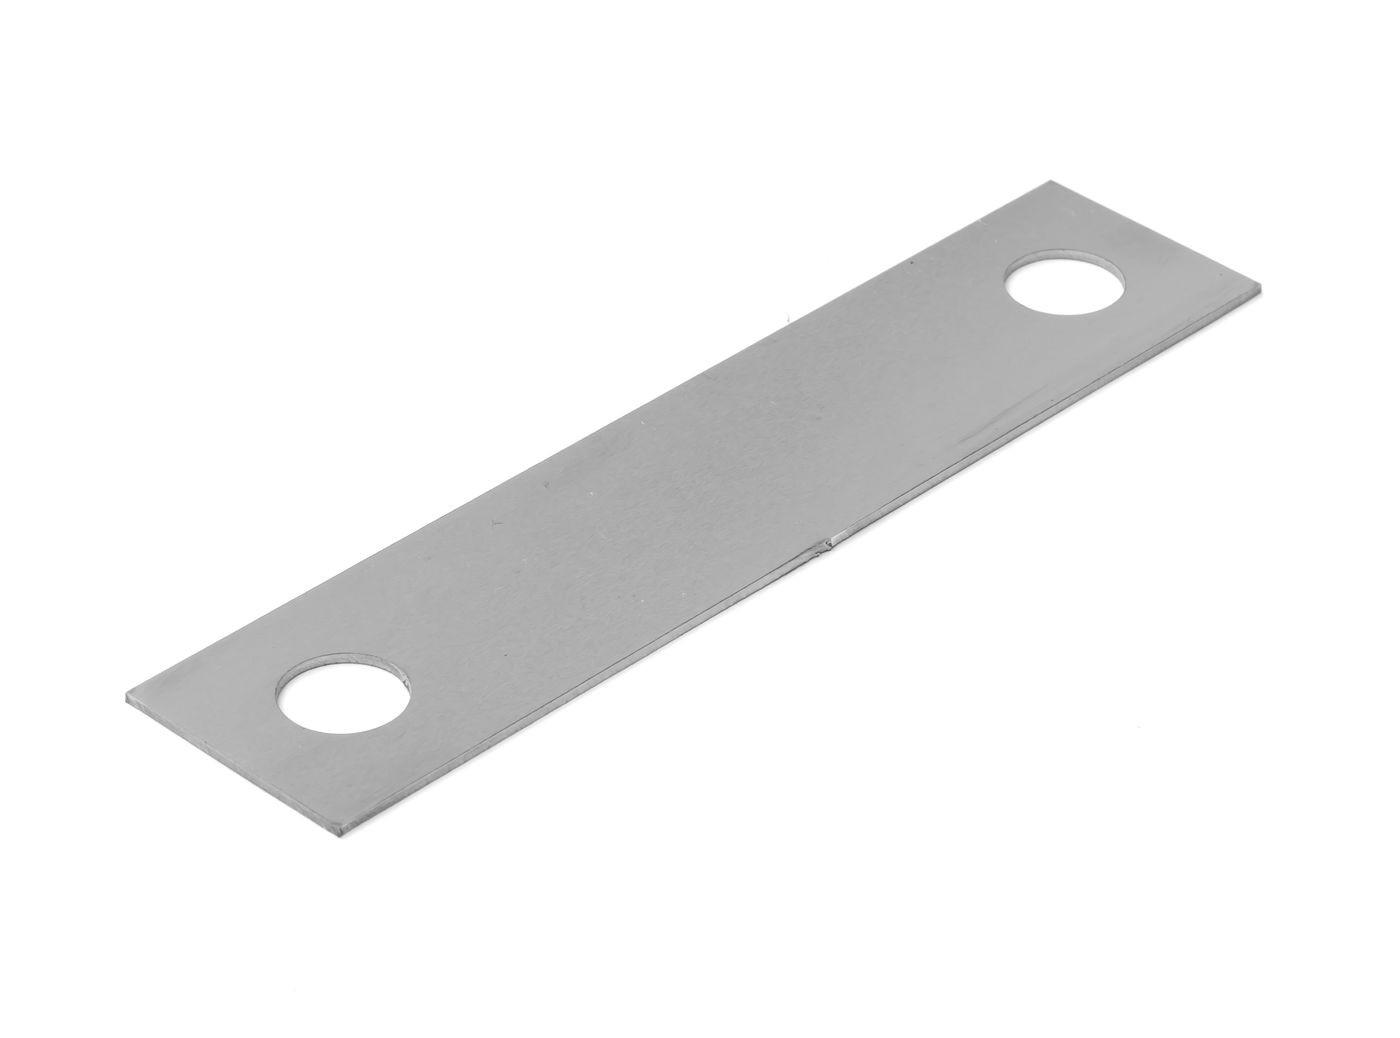 Metal strap